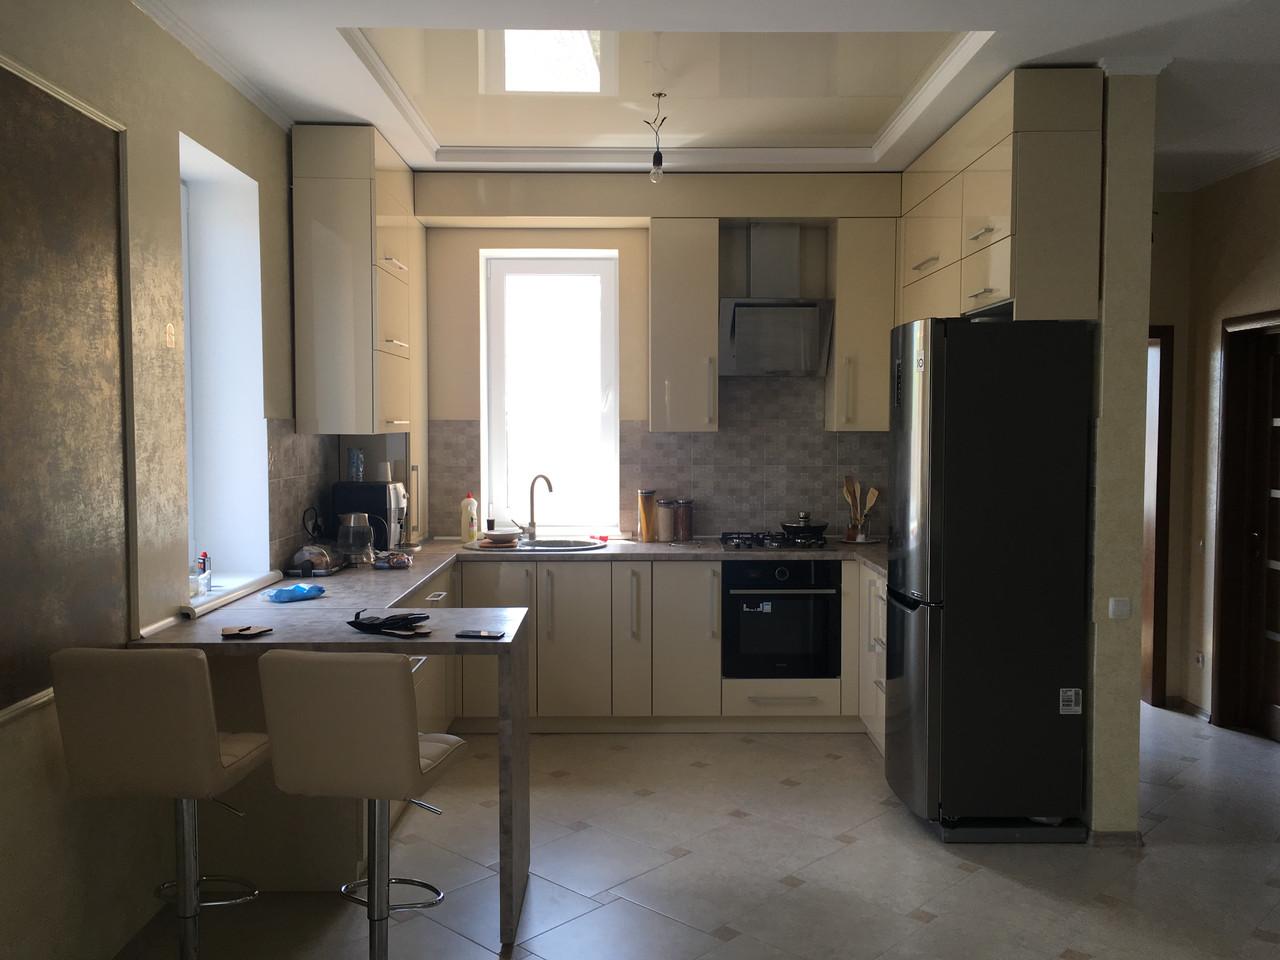 кухня студія 2 продажа цена в вінниці кухонні гарнітури от